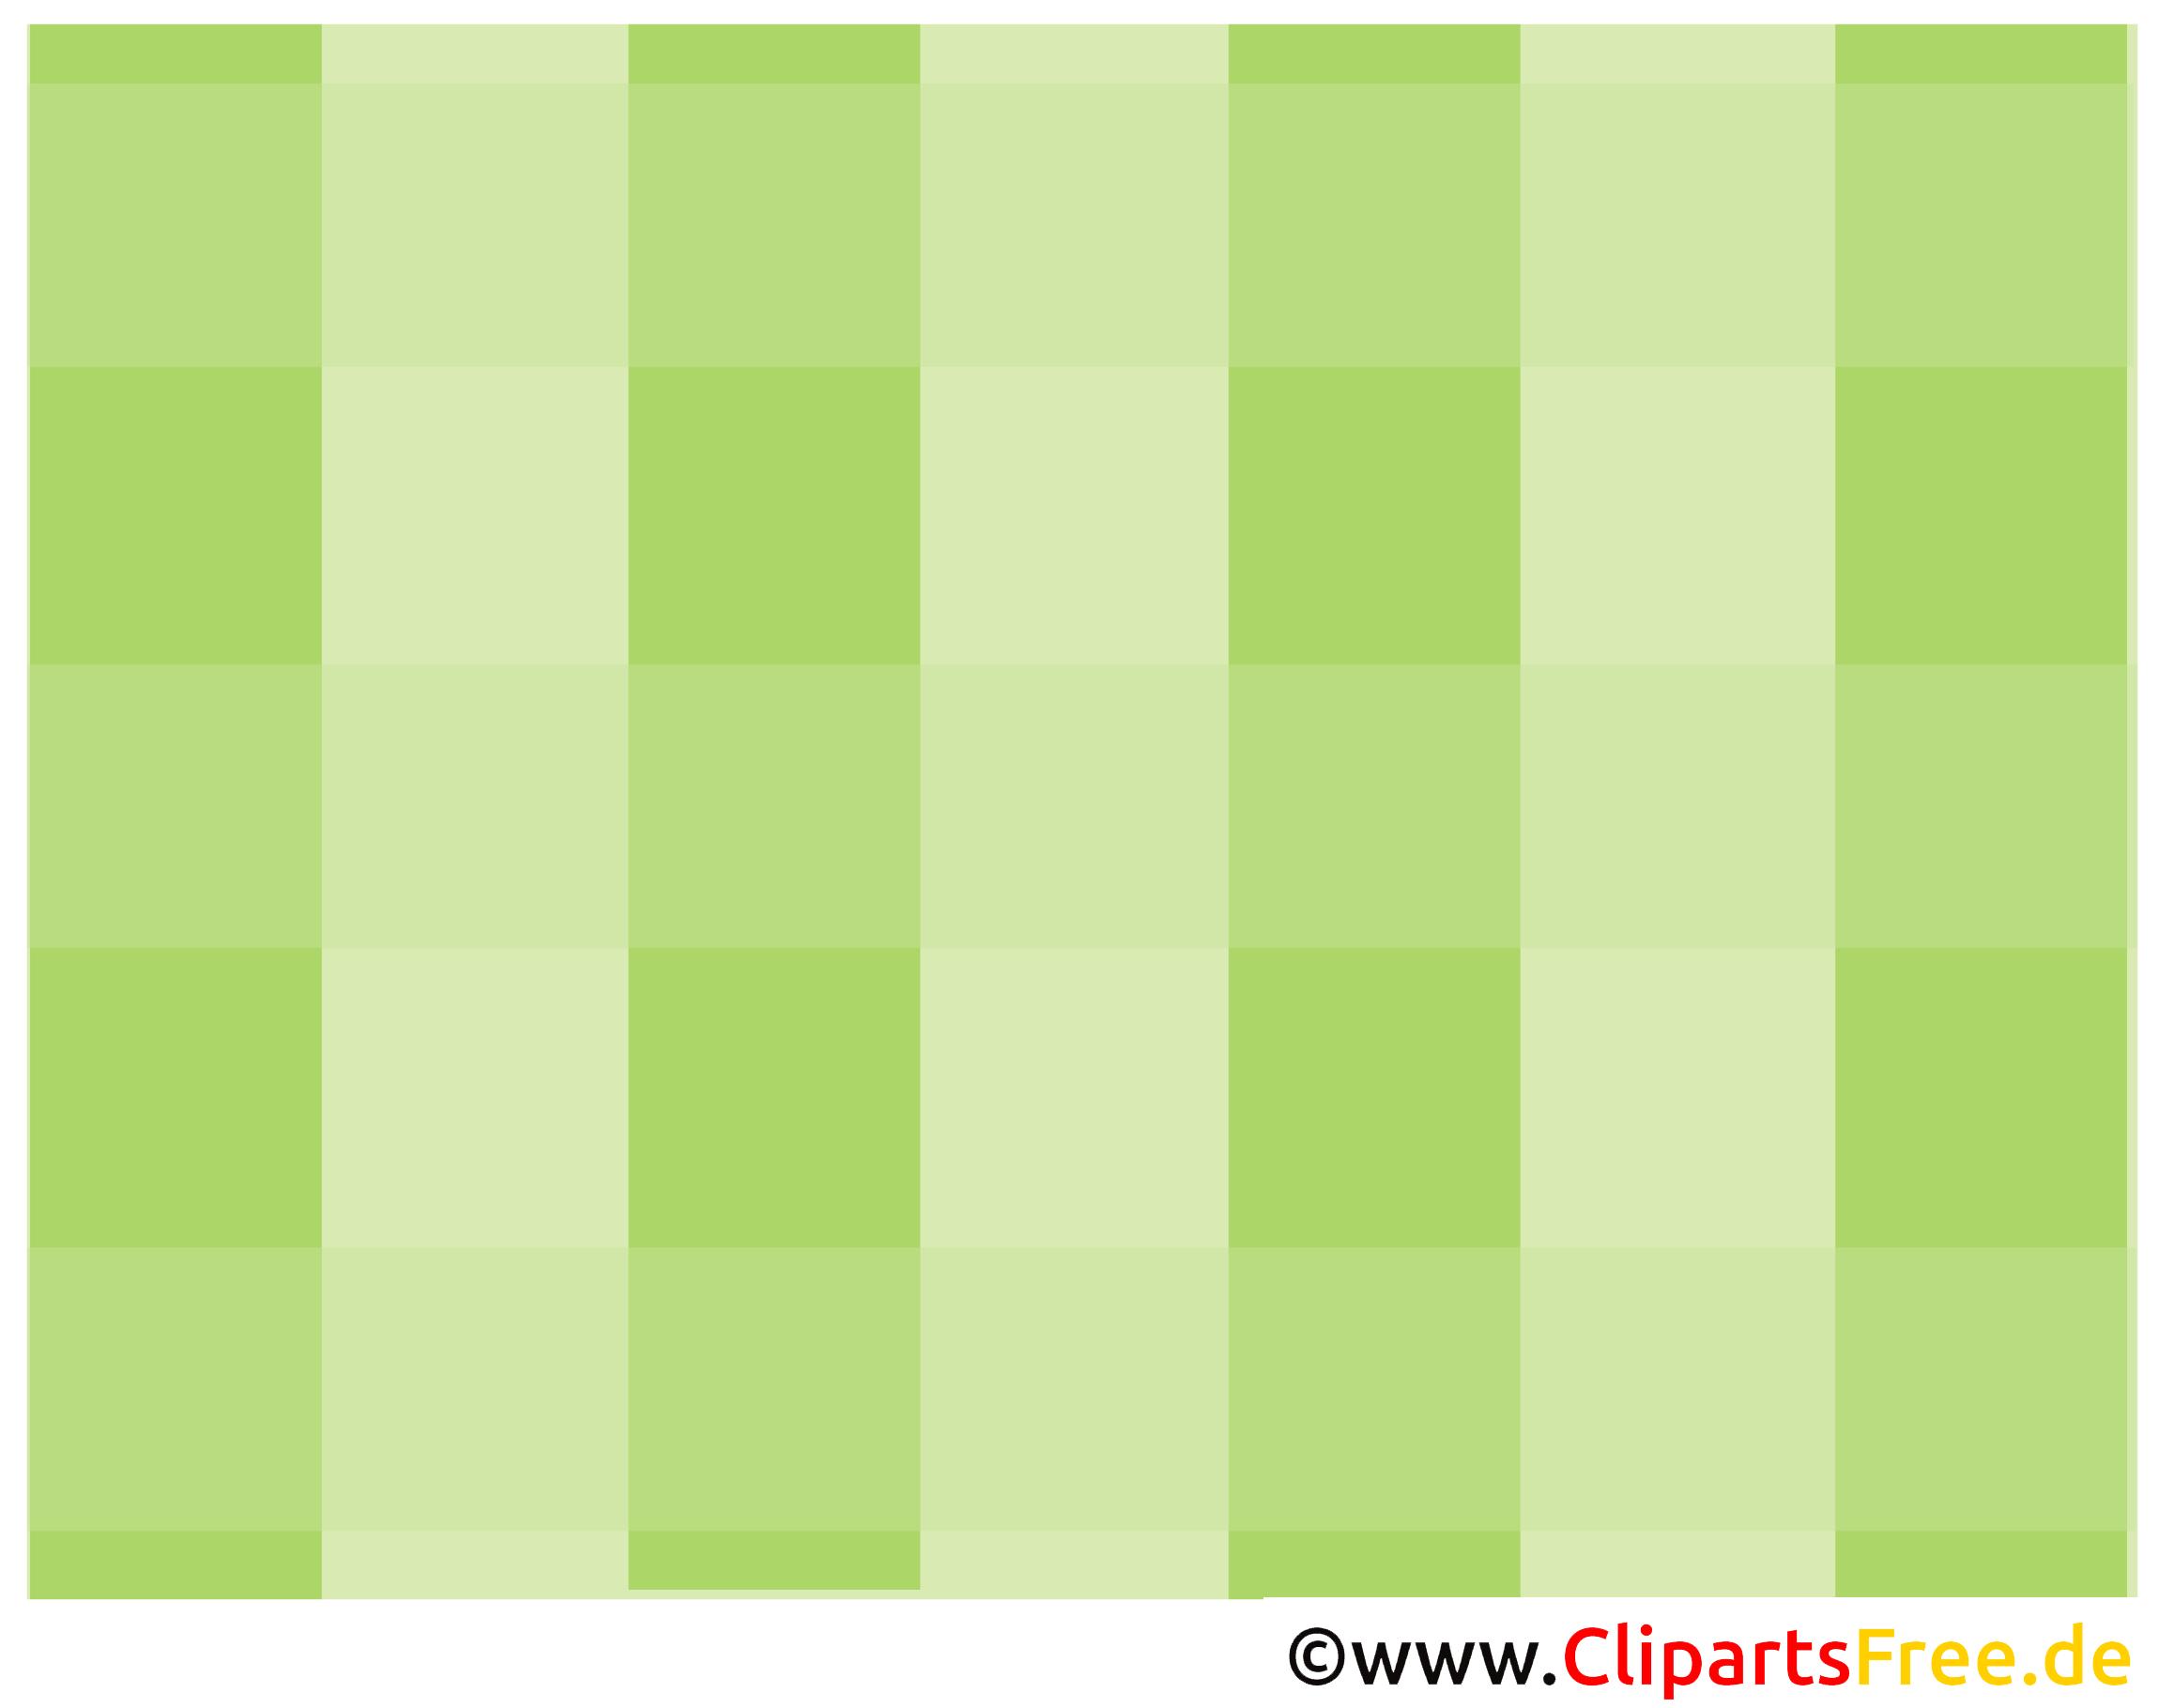 Hintergrund Bild in Grün